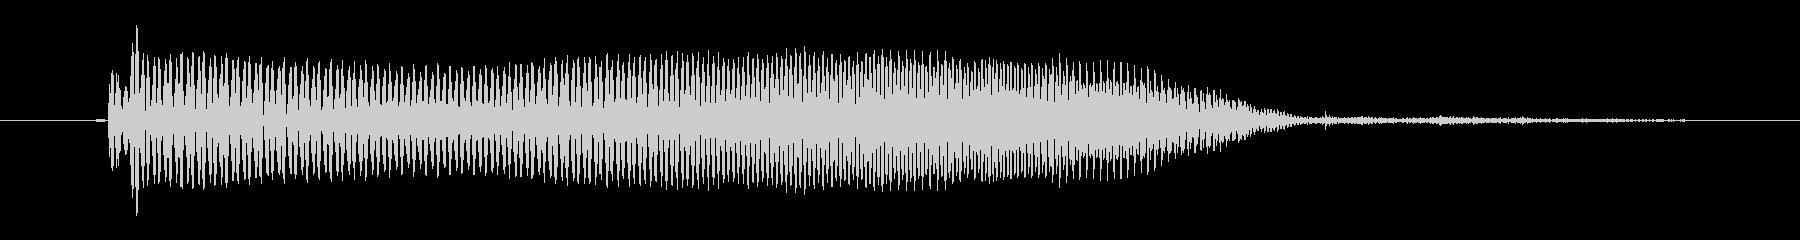 リトルレッドモンスター:Bの未再生の波形